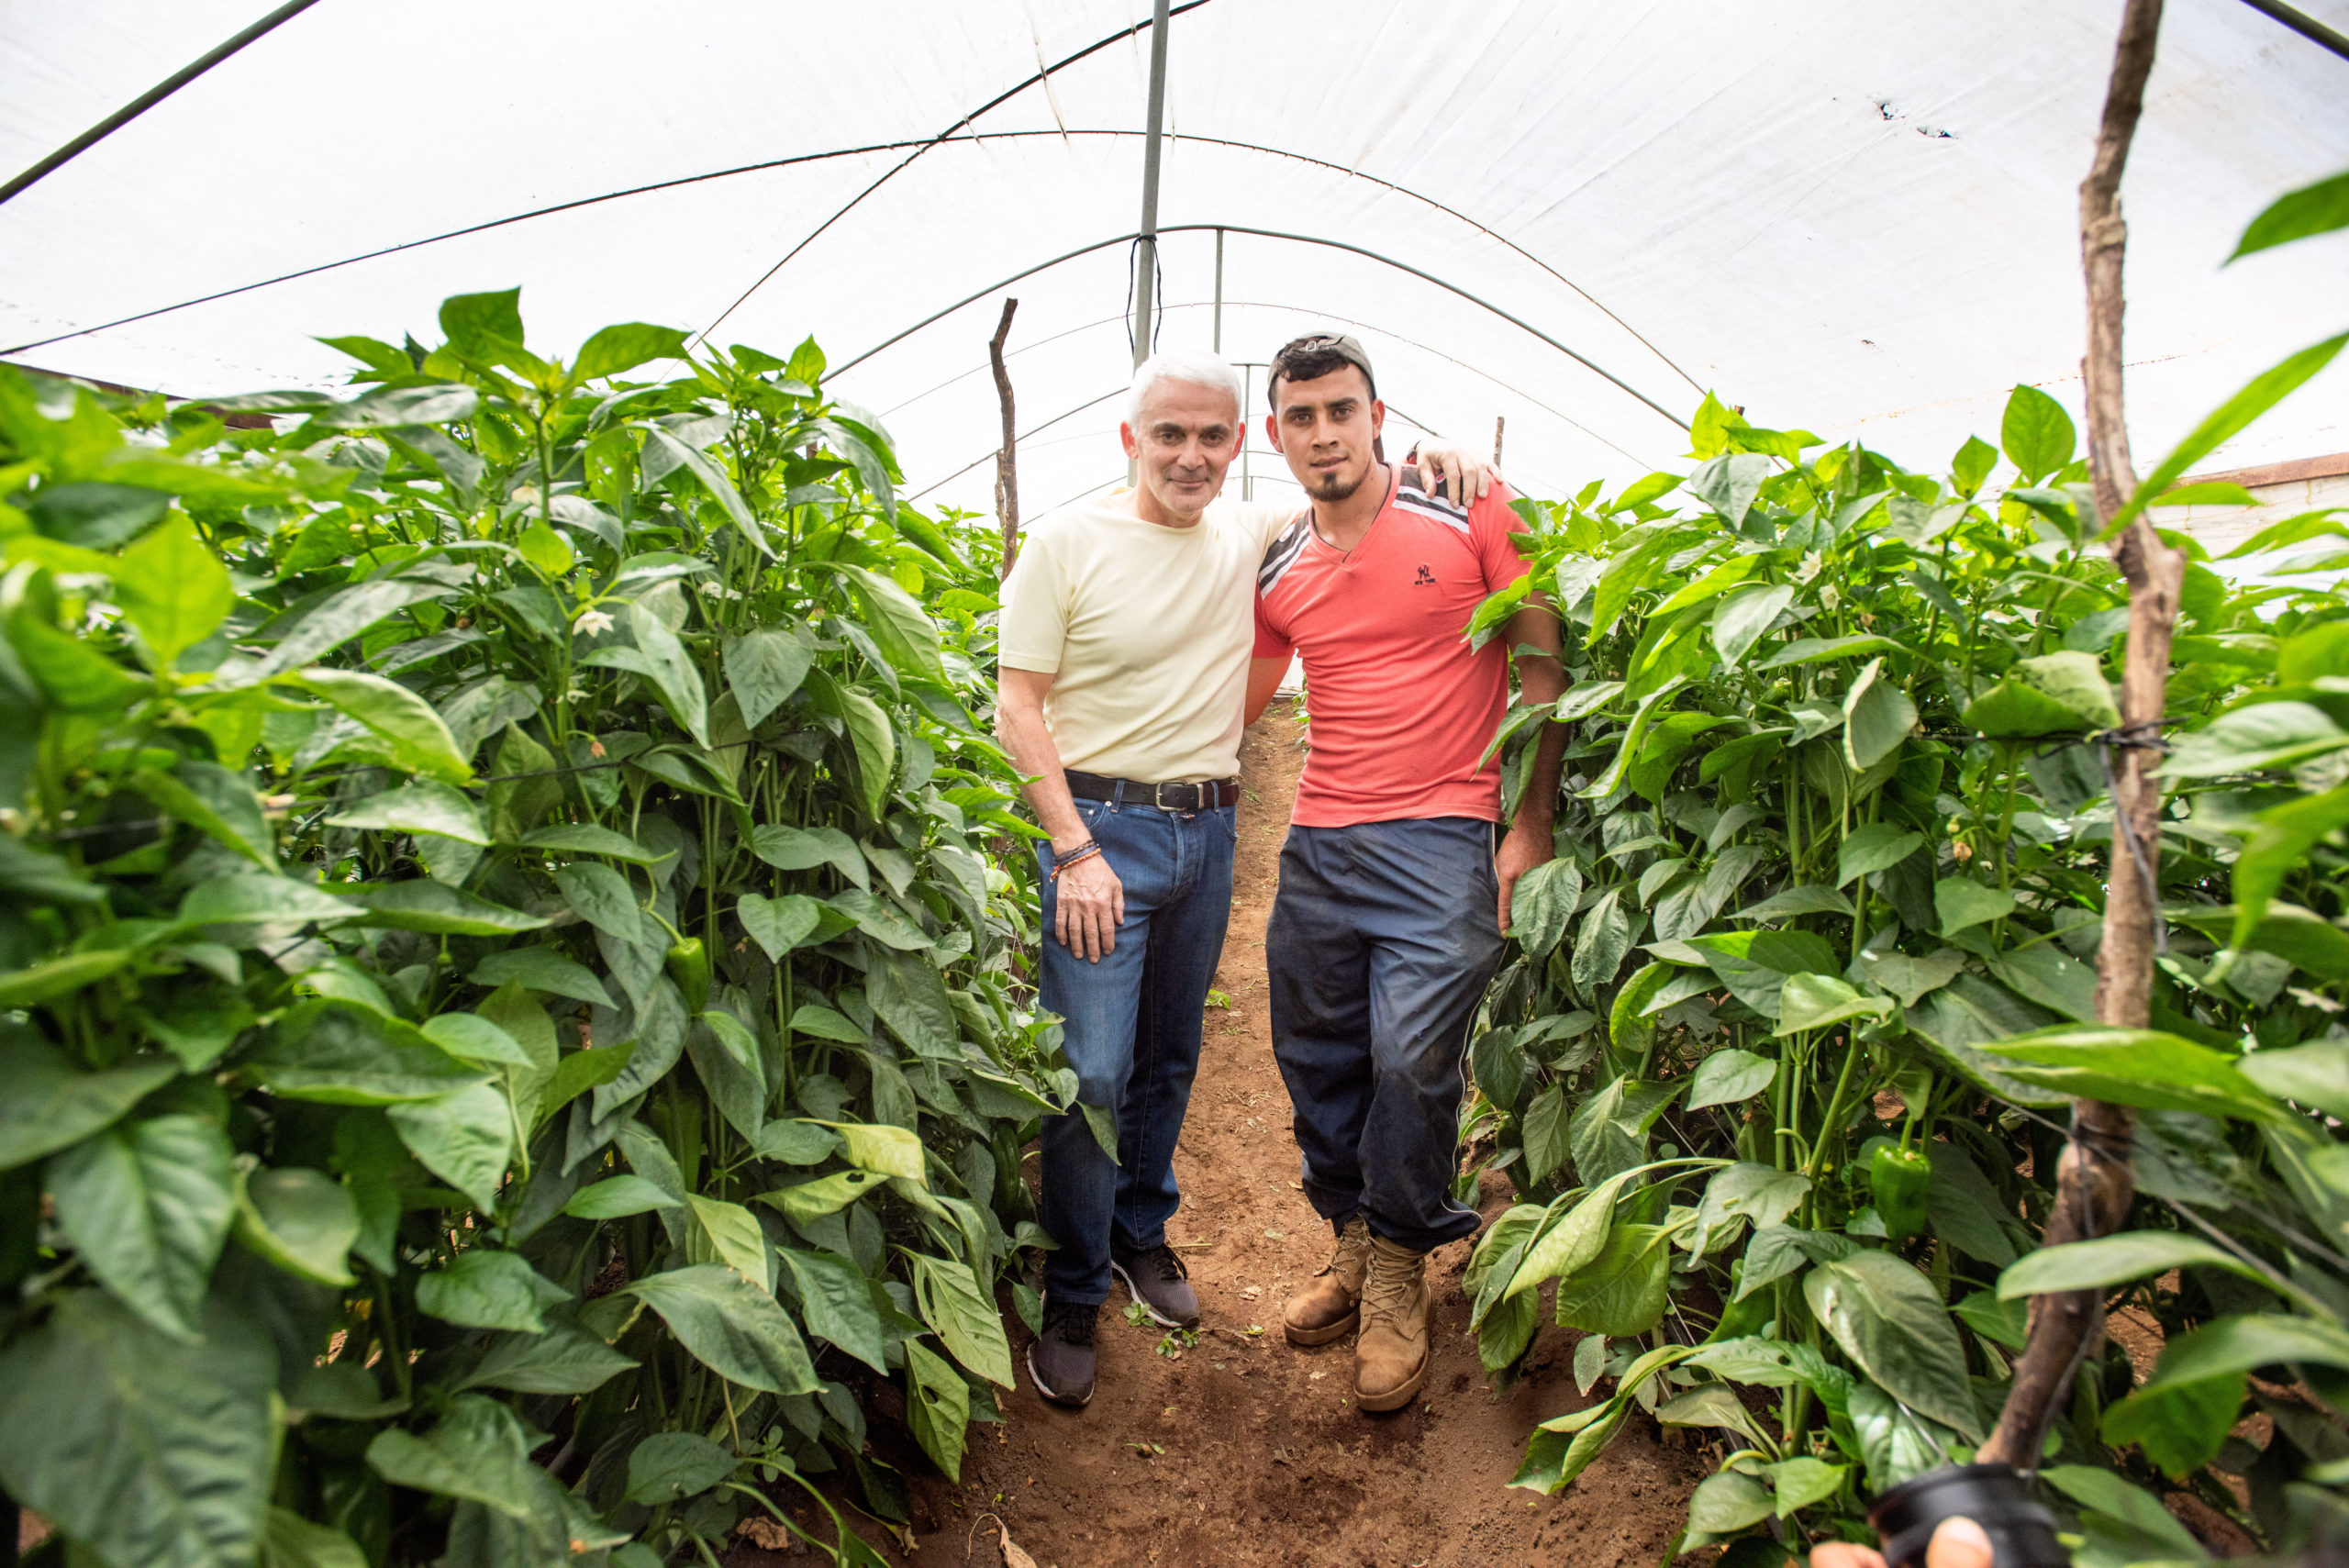 Helping Salvadoran Farmers Through Social Enterprise